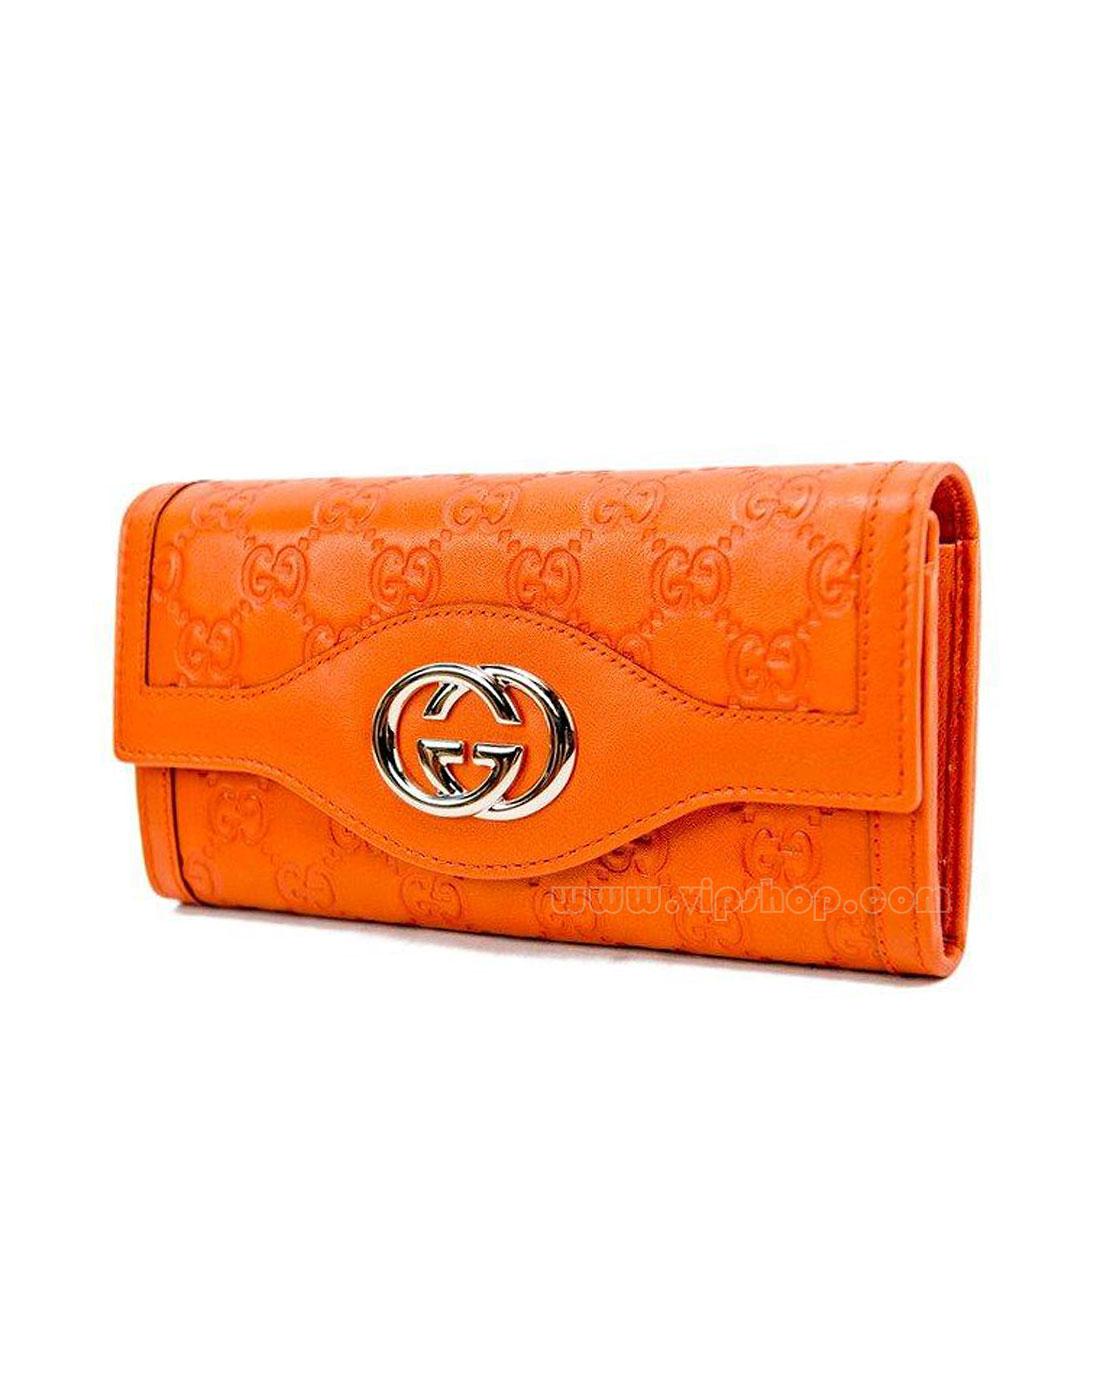 女款精致gg印纹真皮长款钱包橙色